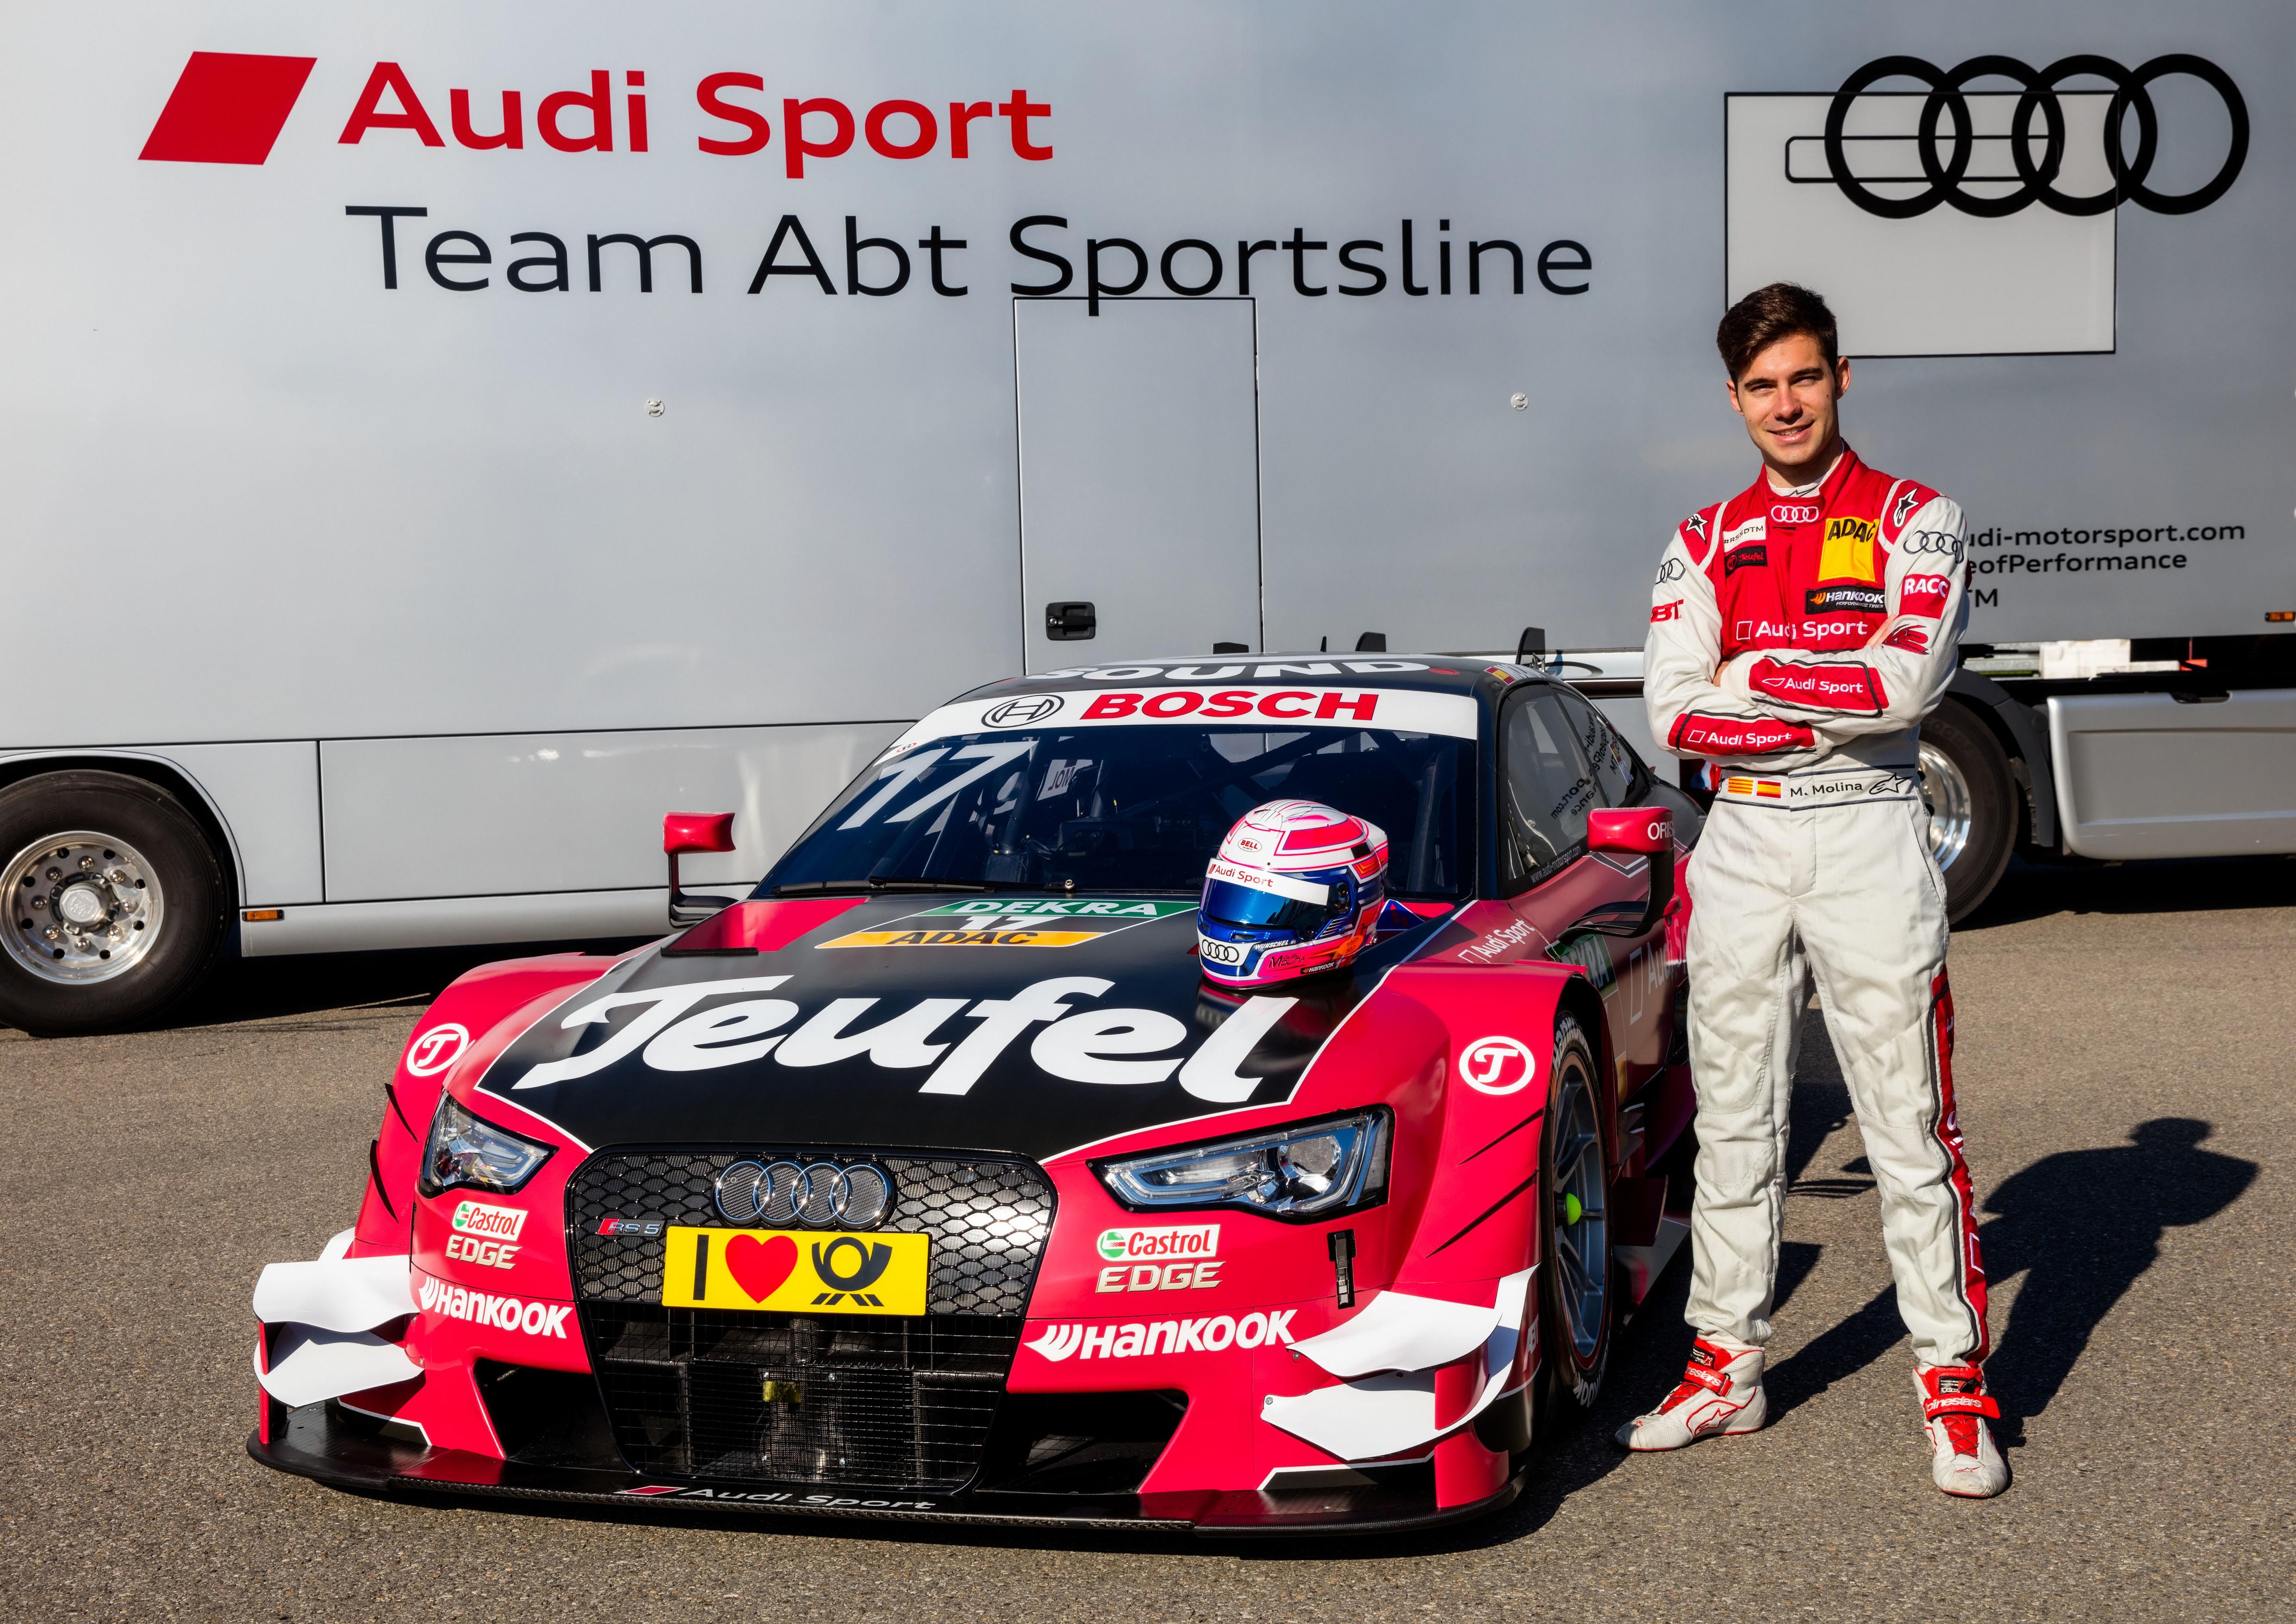 #17 Miguel Molina Teufel Audi RS5 DTM